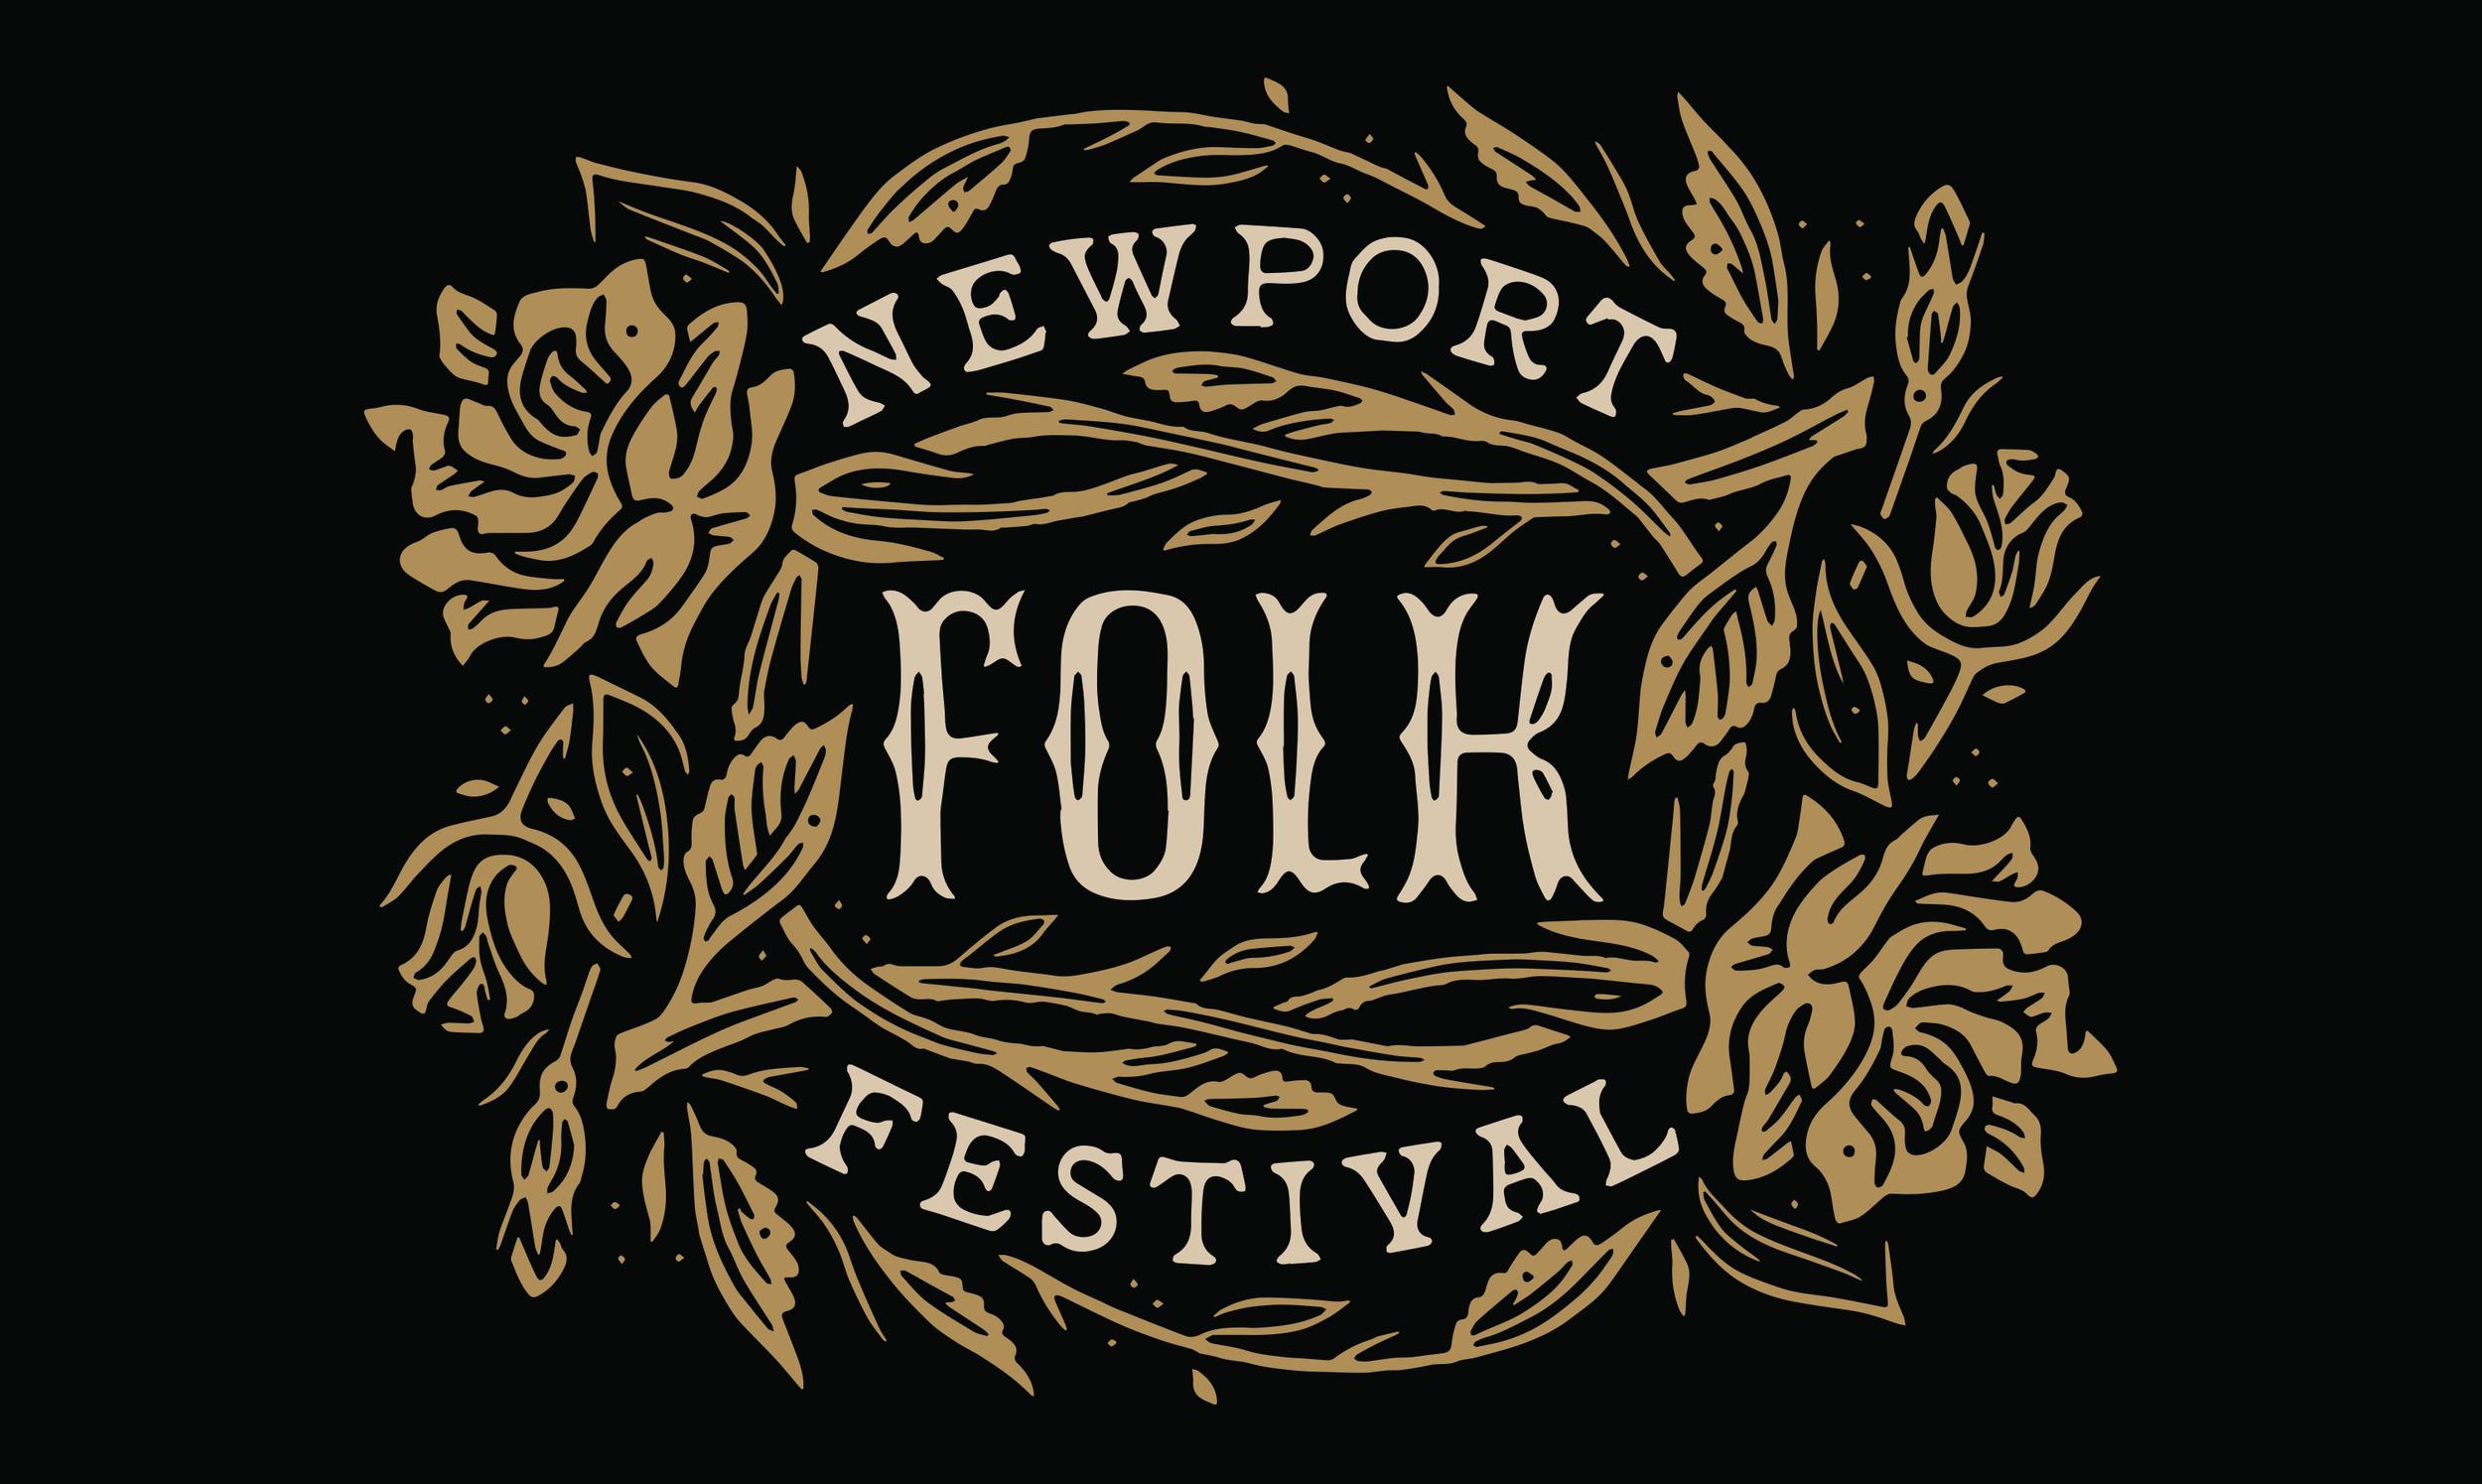 Design for Newport Folk Festival Merchandise